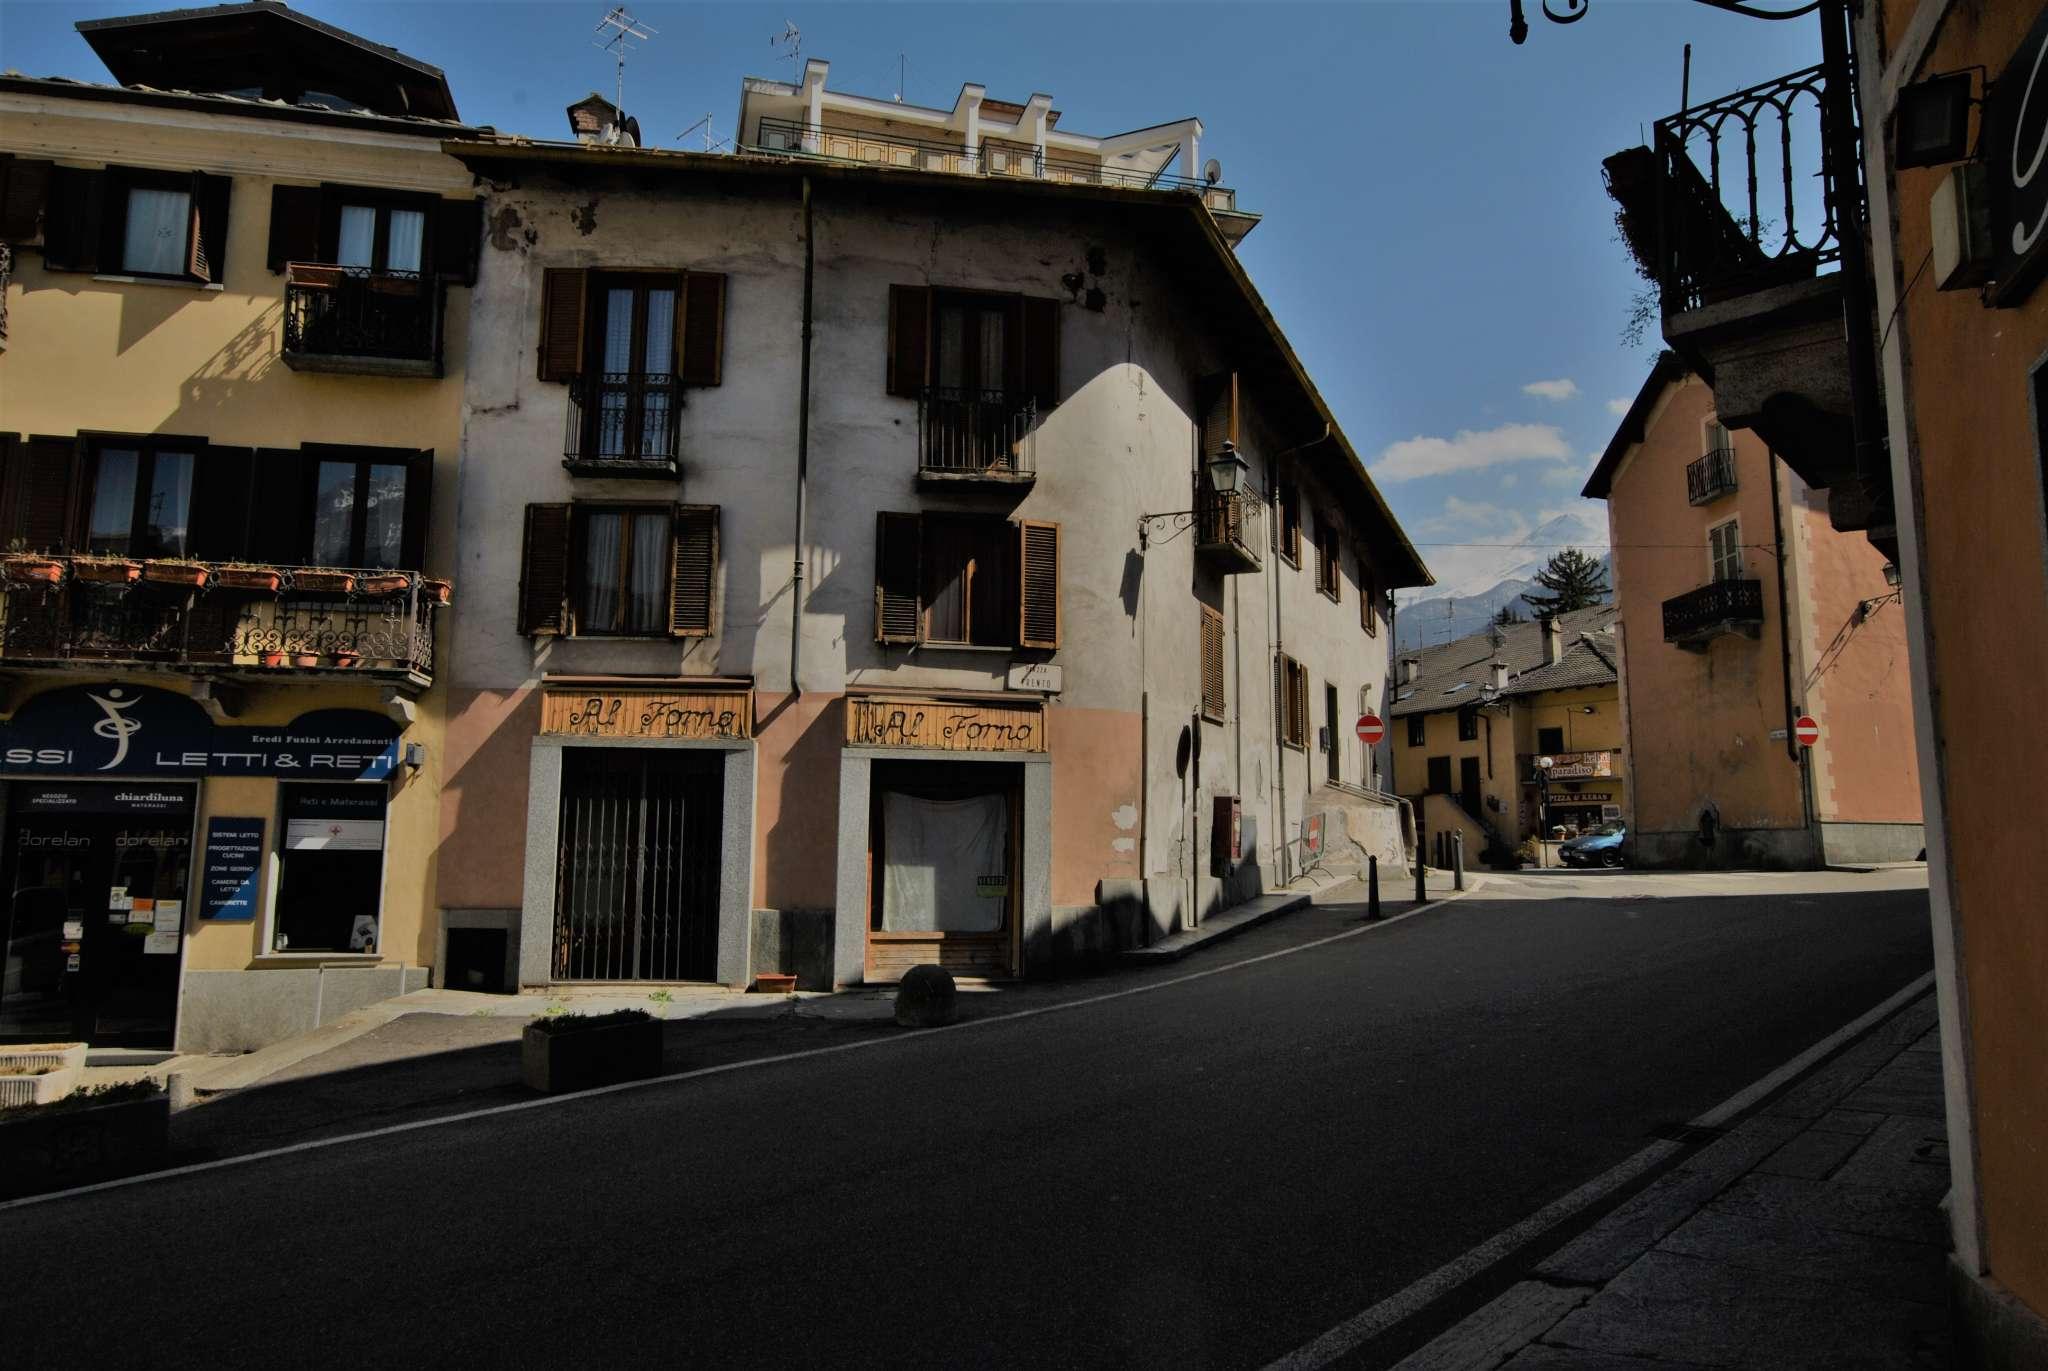 Appartamento in vendita a Susa, 2 locali, prezzo € 69.000 | PortaleAgenzieImmobiliari.it